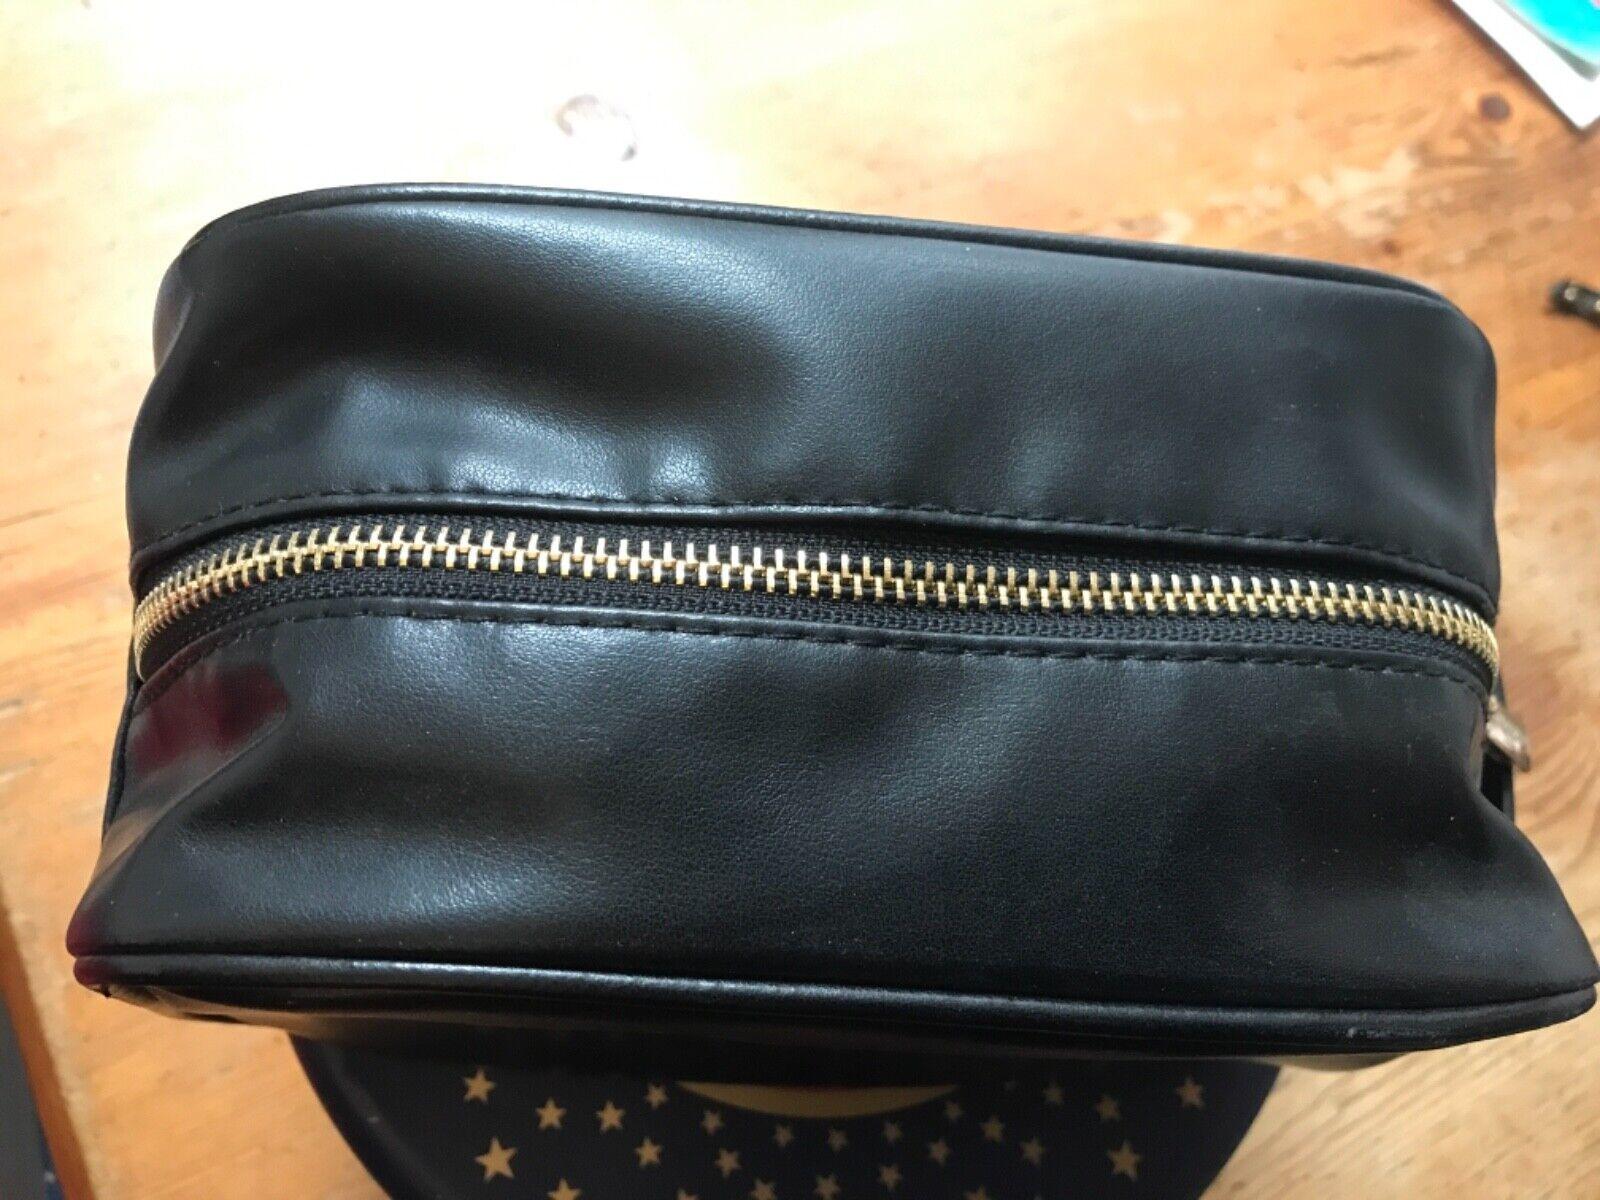 Dolce & Gabbana Beauty °° Beauty Case °° Waschtasche °° Accessoire Set